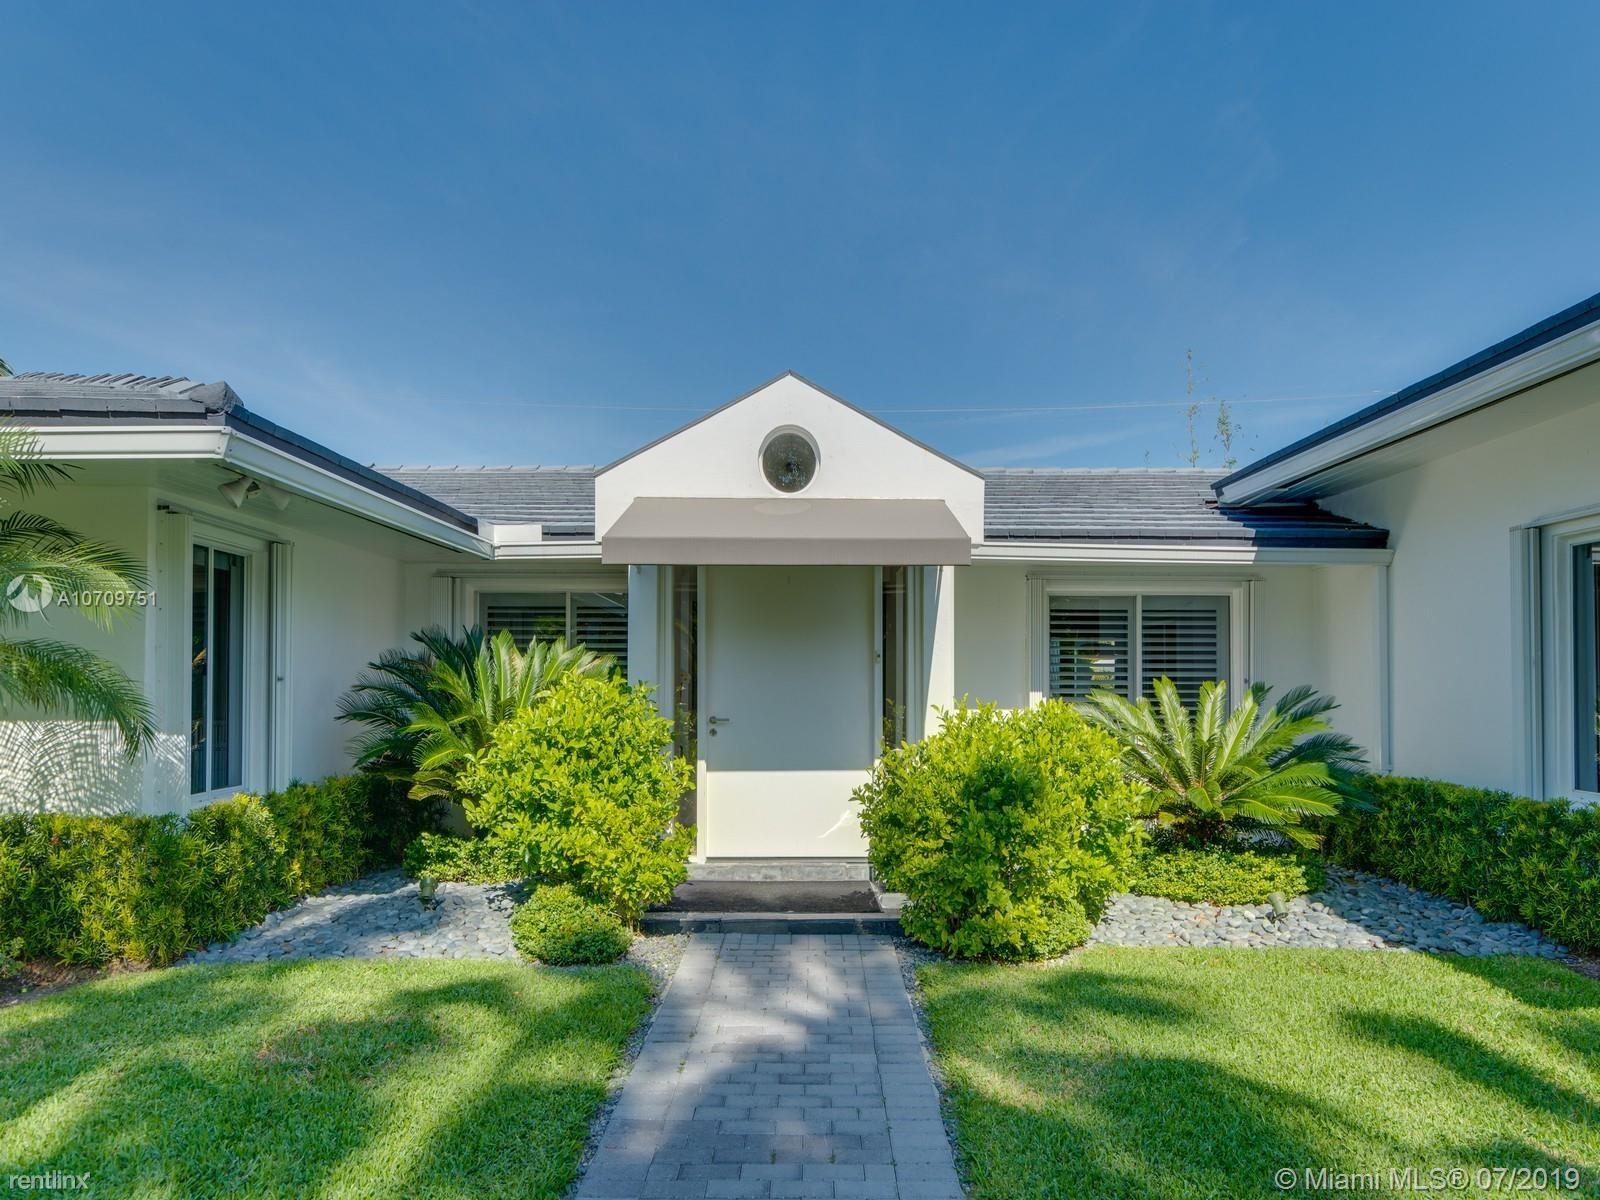 181 Island Dr, Key Biscayne, FL - $15,500